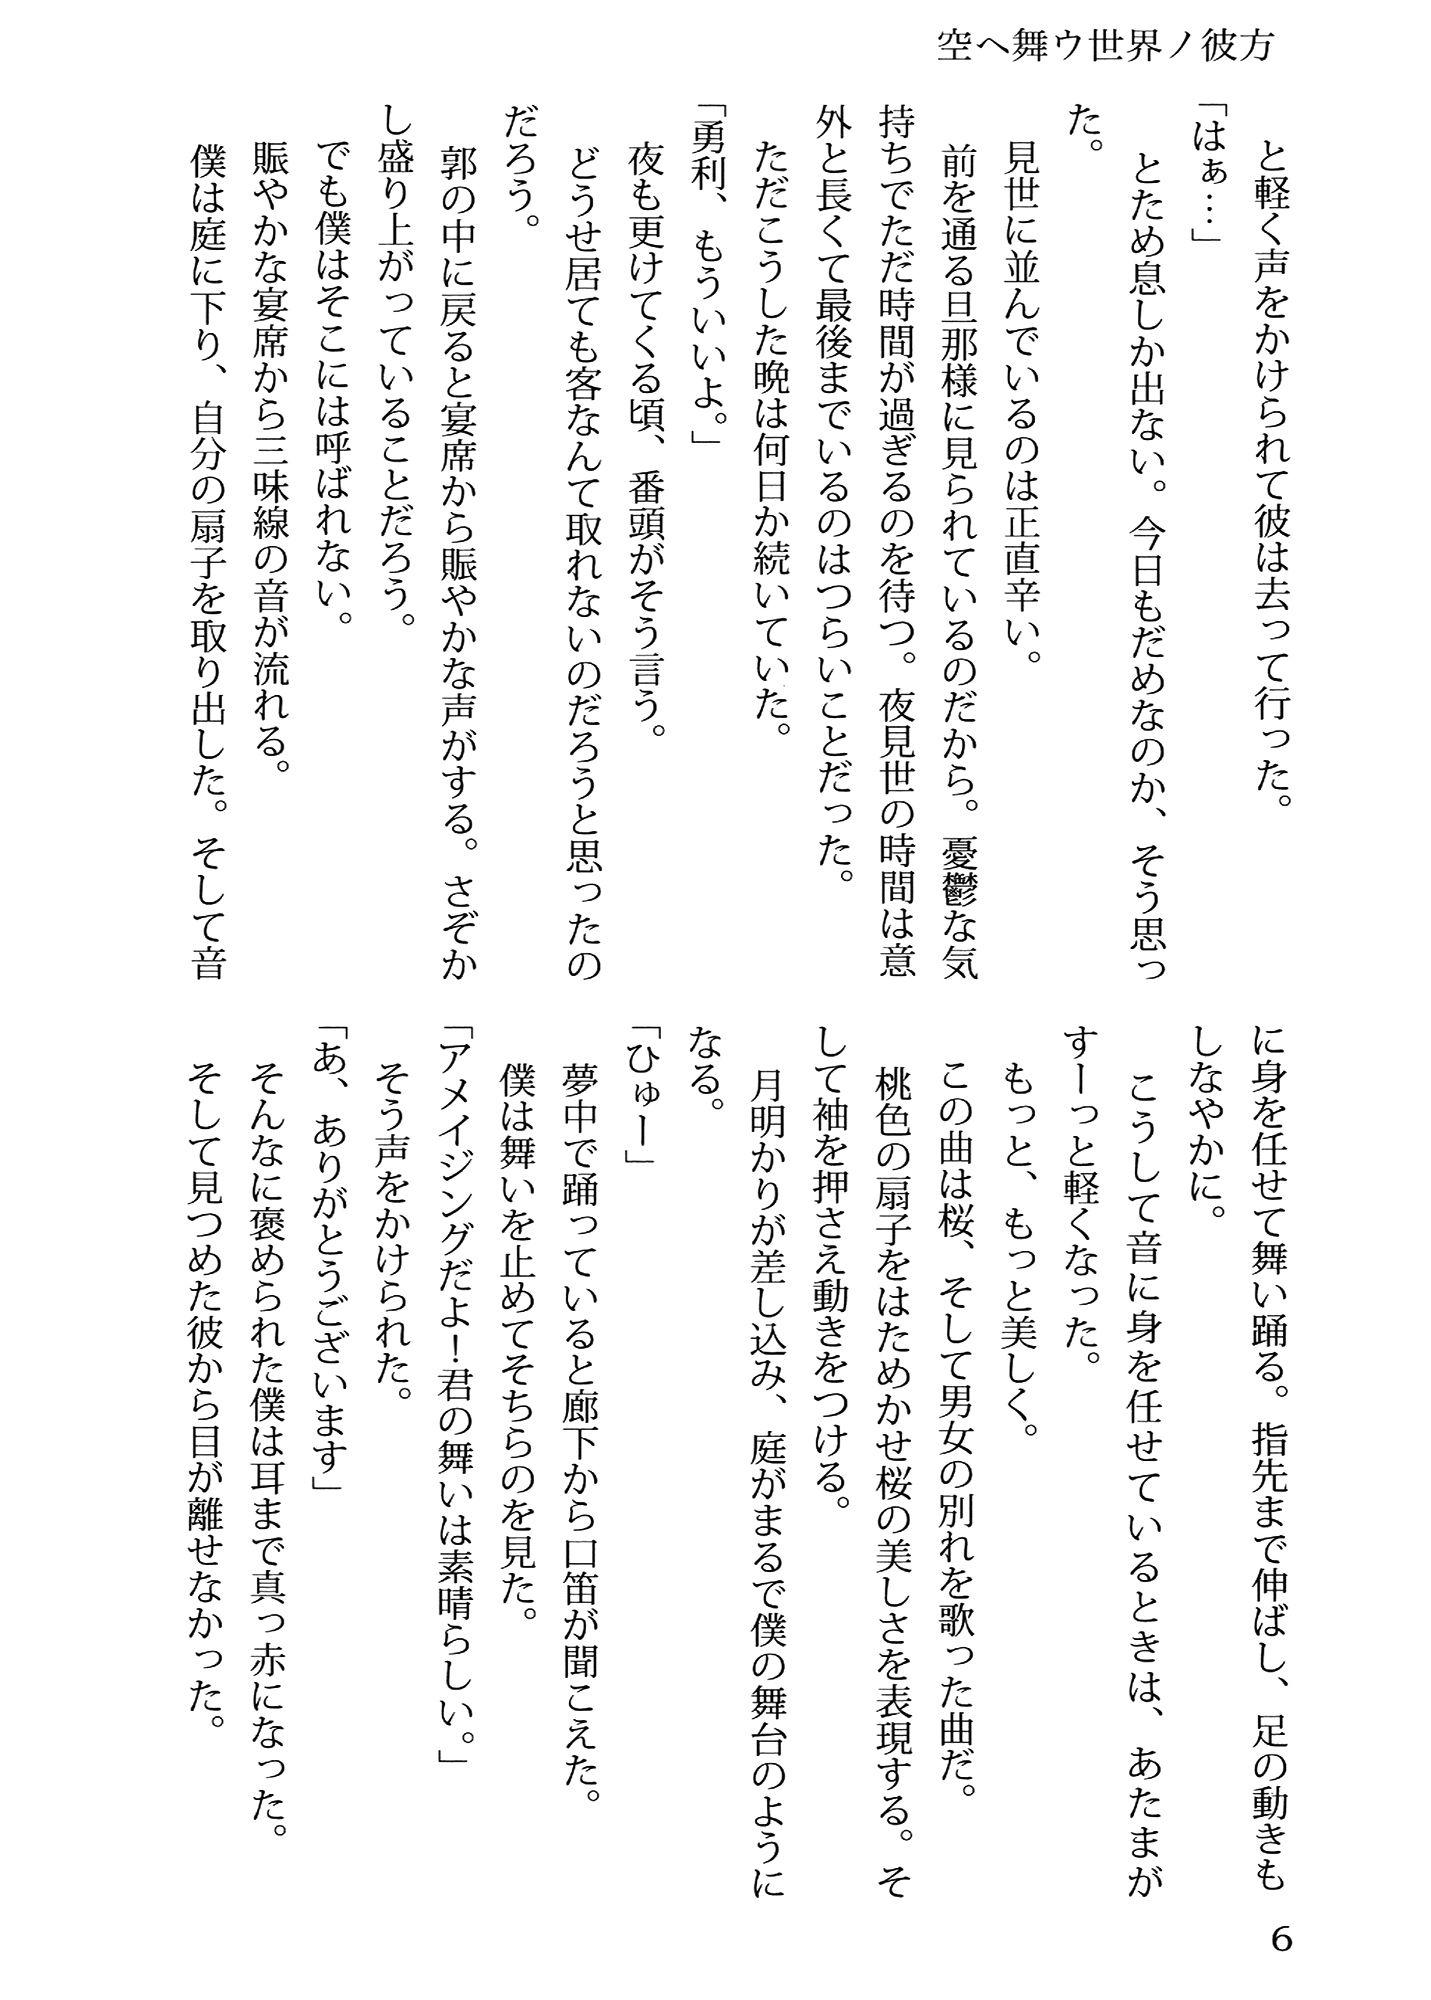 【遊郭パロ】空ヘ舞ウ世界ノ彼方